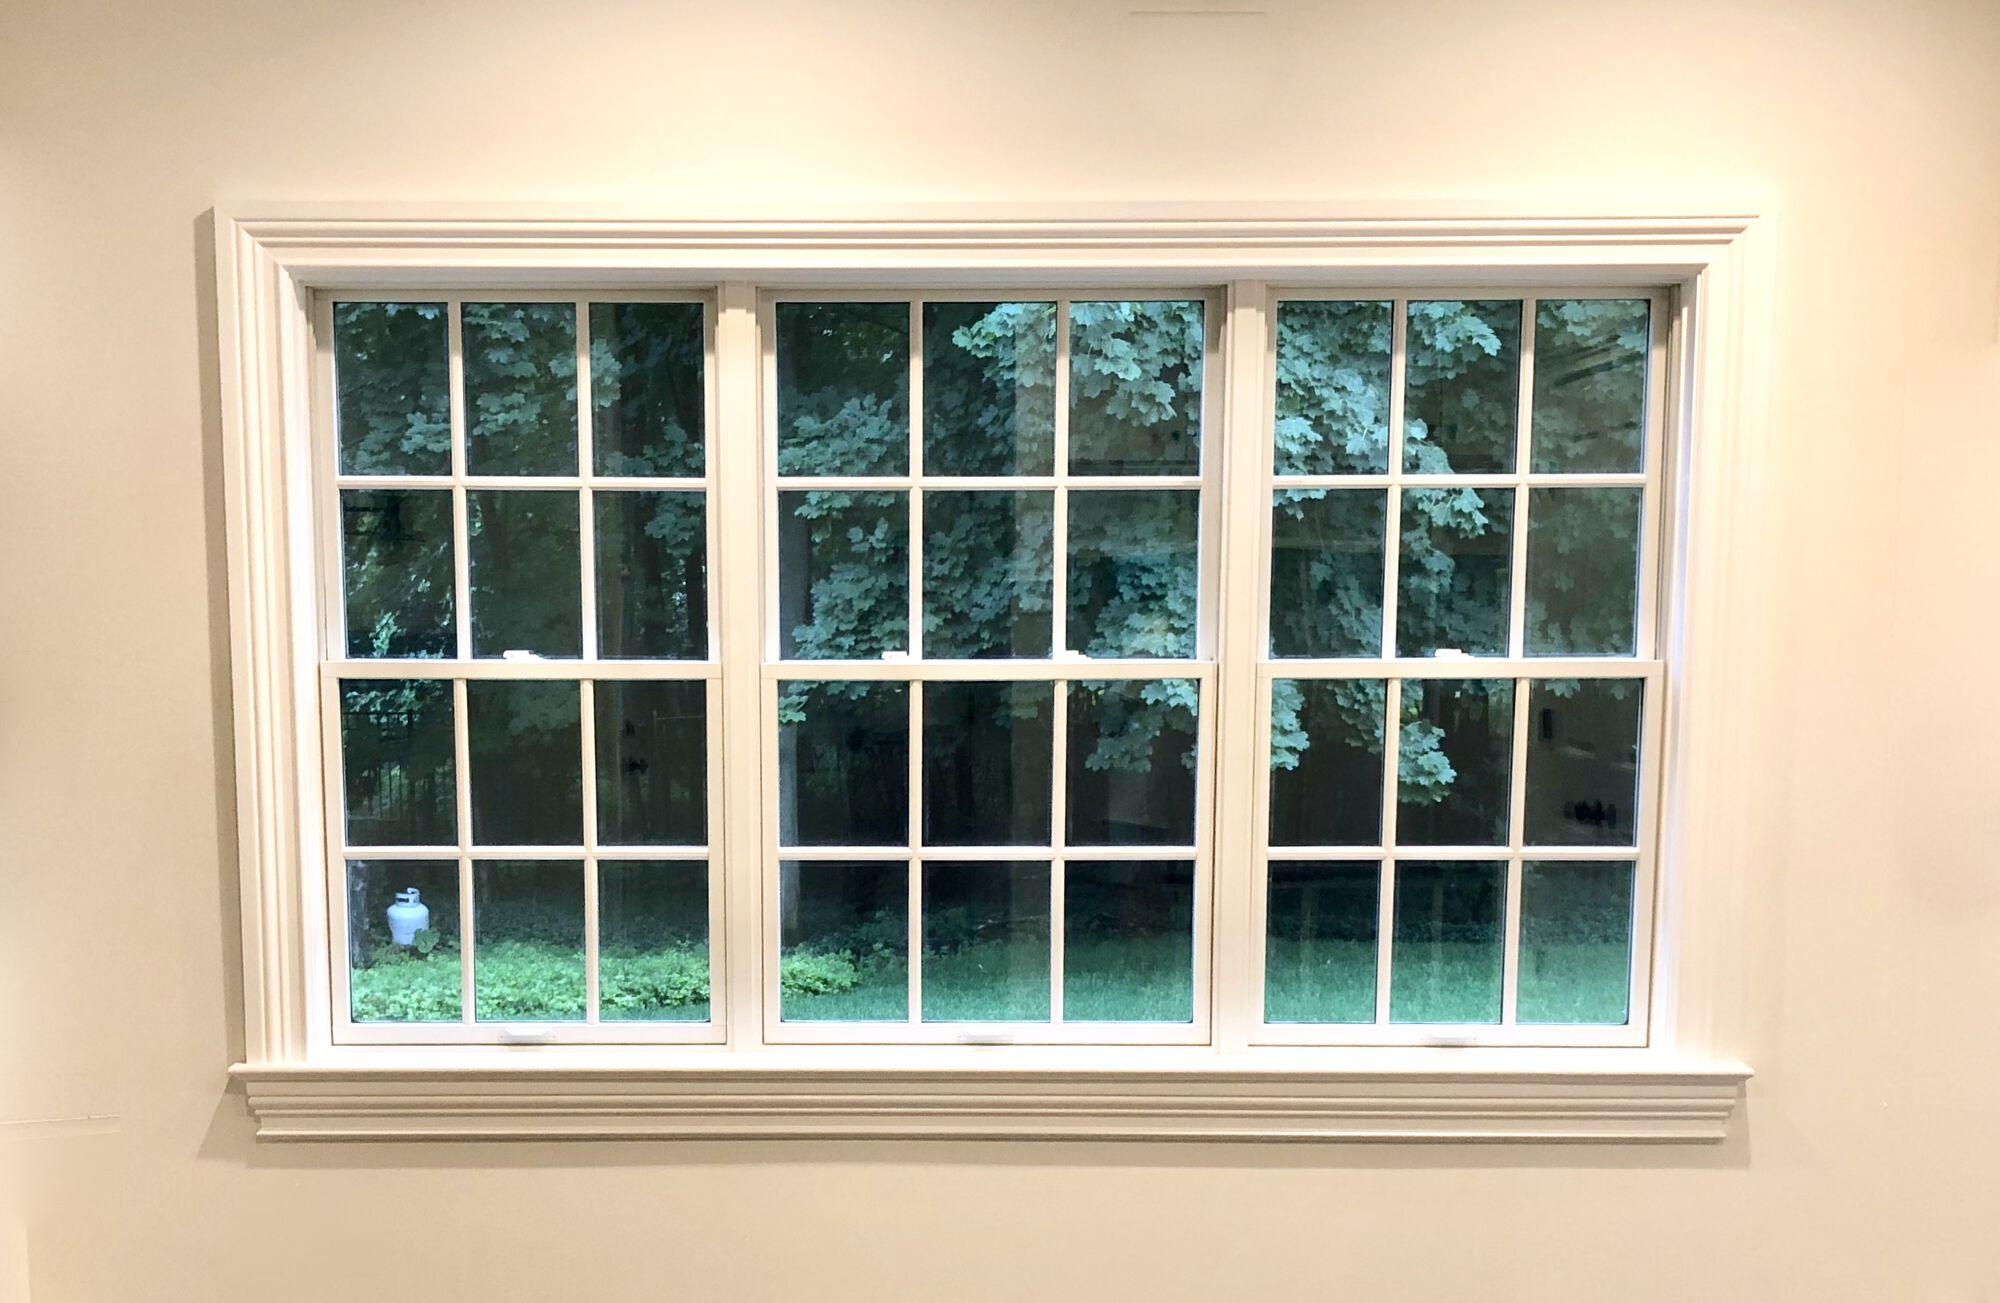 Pella Window Contractor in Bergen County NJ